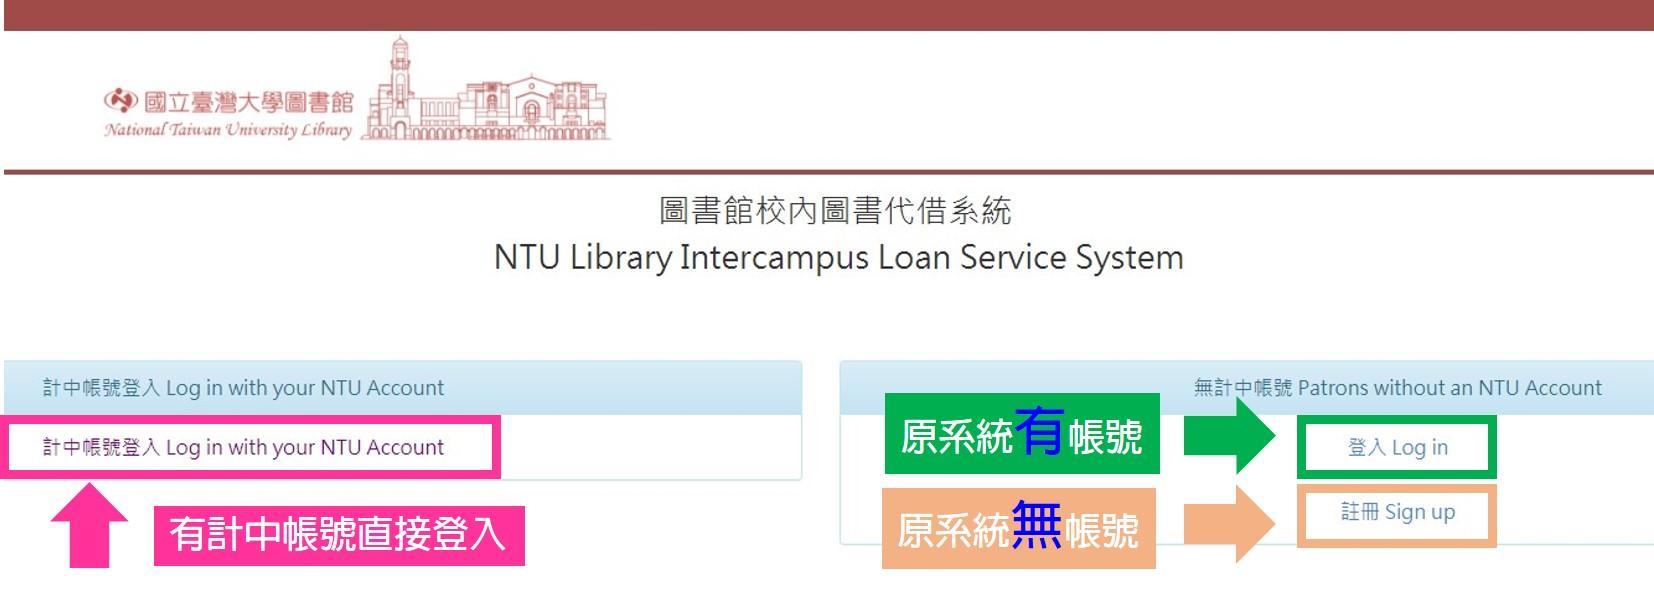 圖書館校內圖書代借系統登入畫面